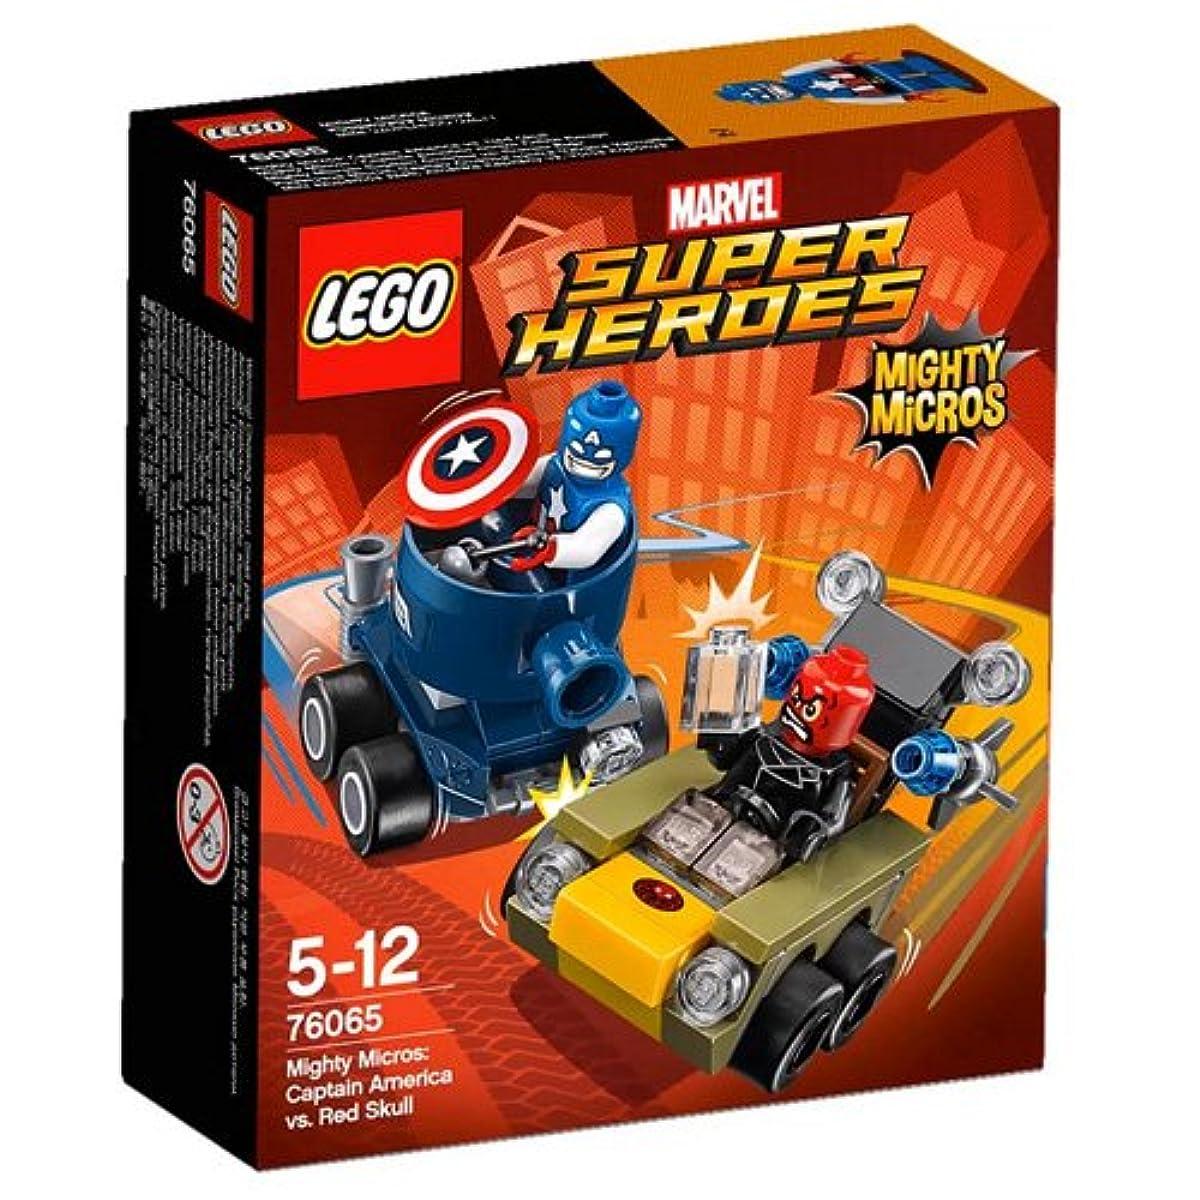 [해외] 레고 (LEGO) 슈퍼히어로즈 마이 T 마이크로 포스:캡틴 아메리카 VS 레드스쿨 76065-76065 (2016-03-04)